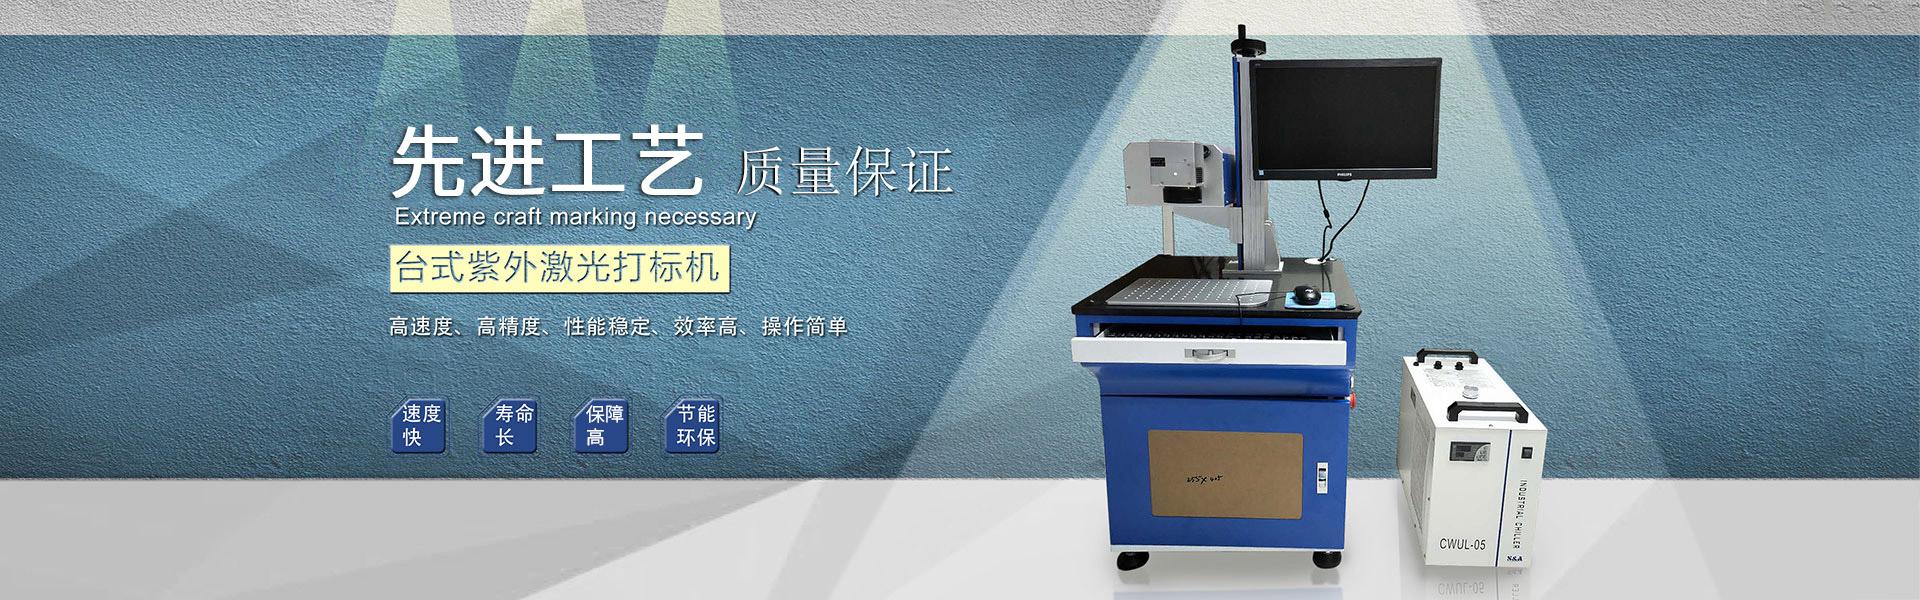 苏州玛迪科激光智能装备有限公司